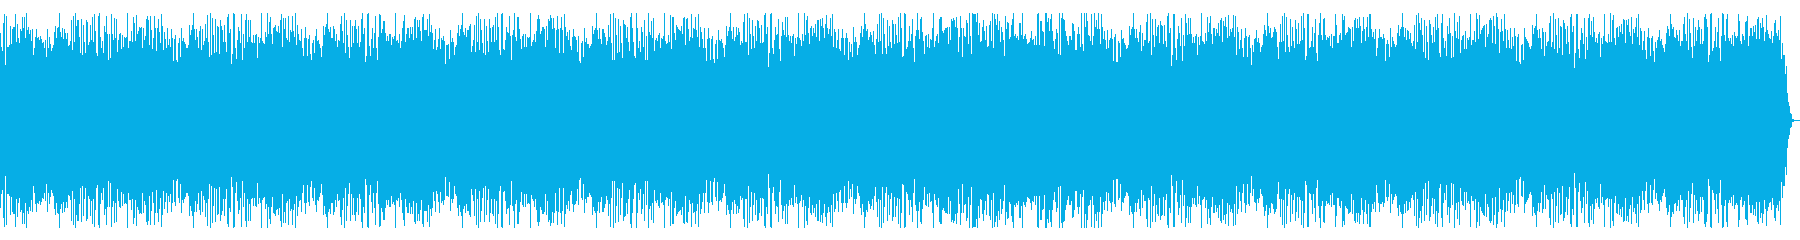 軽快なジャズ!BGMにオススメ、長尺!の再生済みの波形